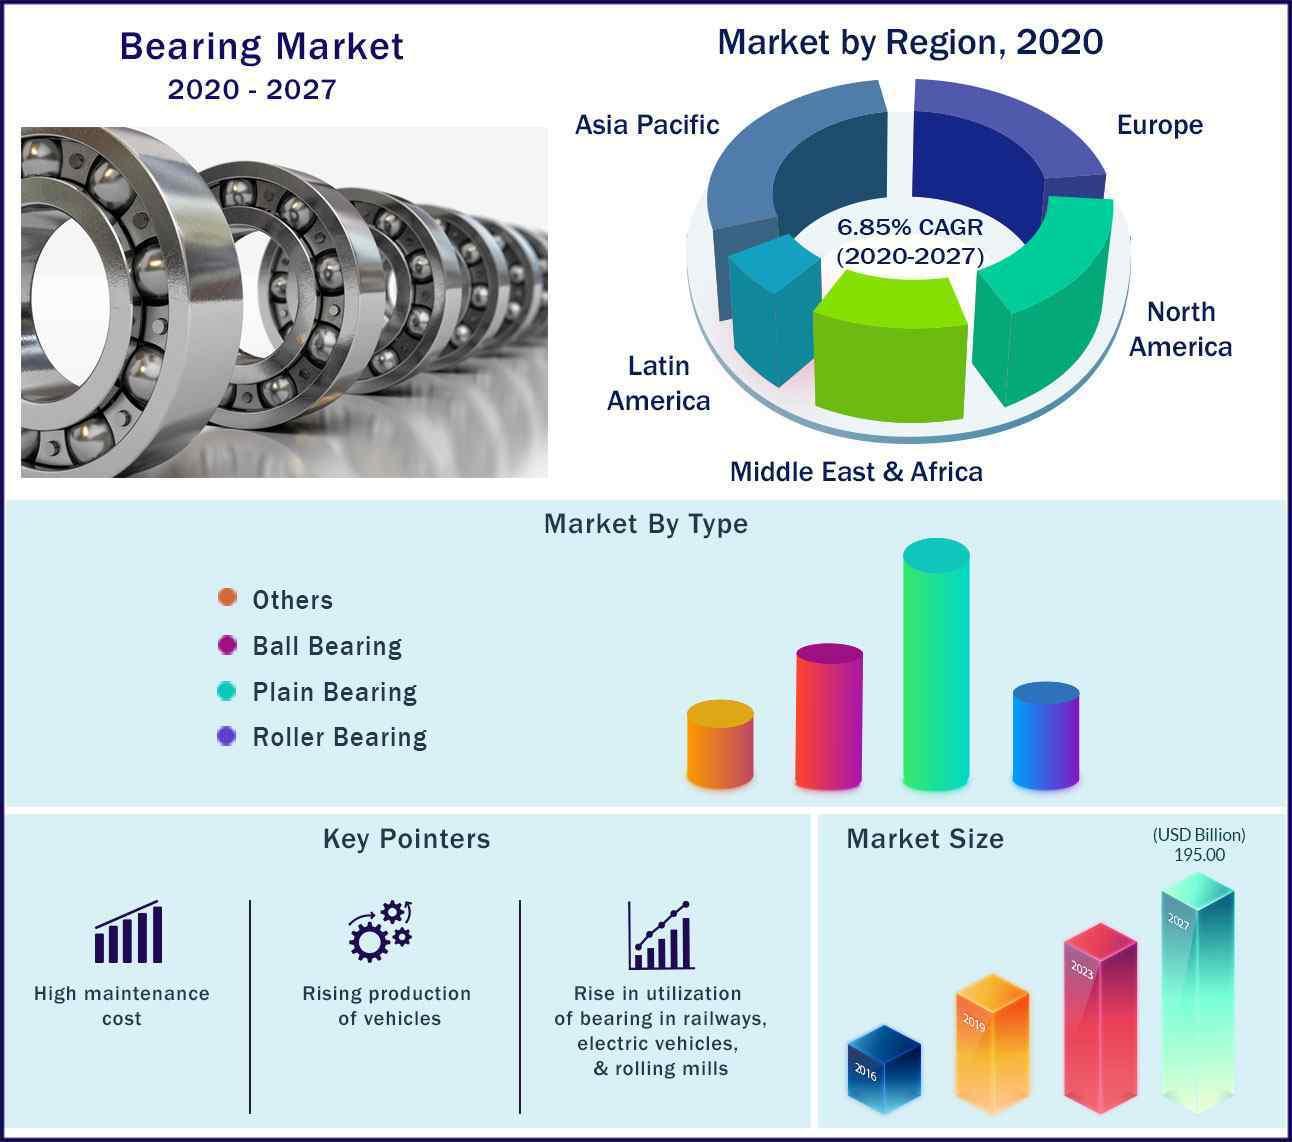 Global Bearing Market 2020-2027